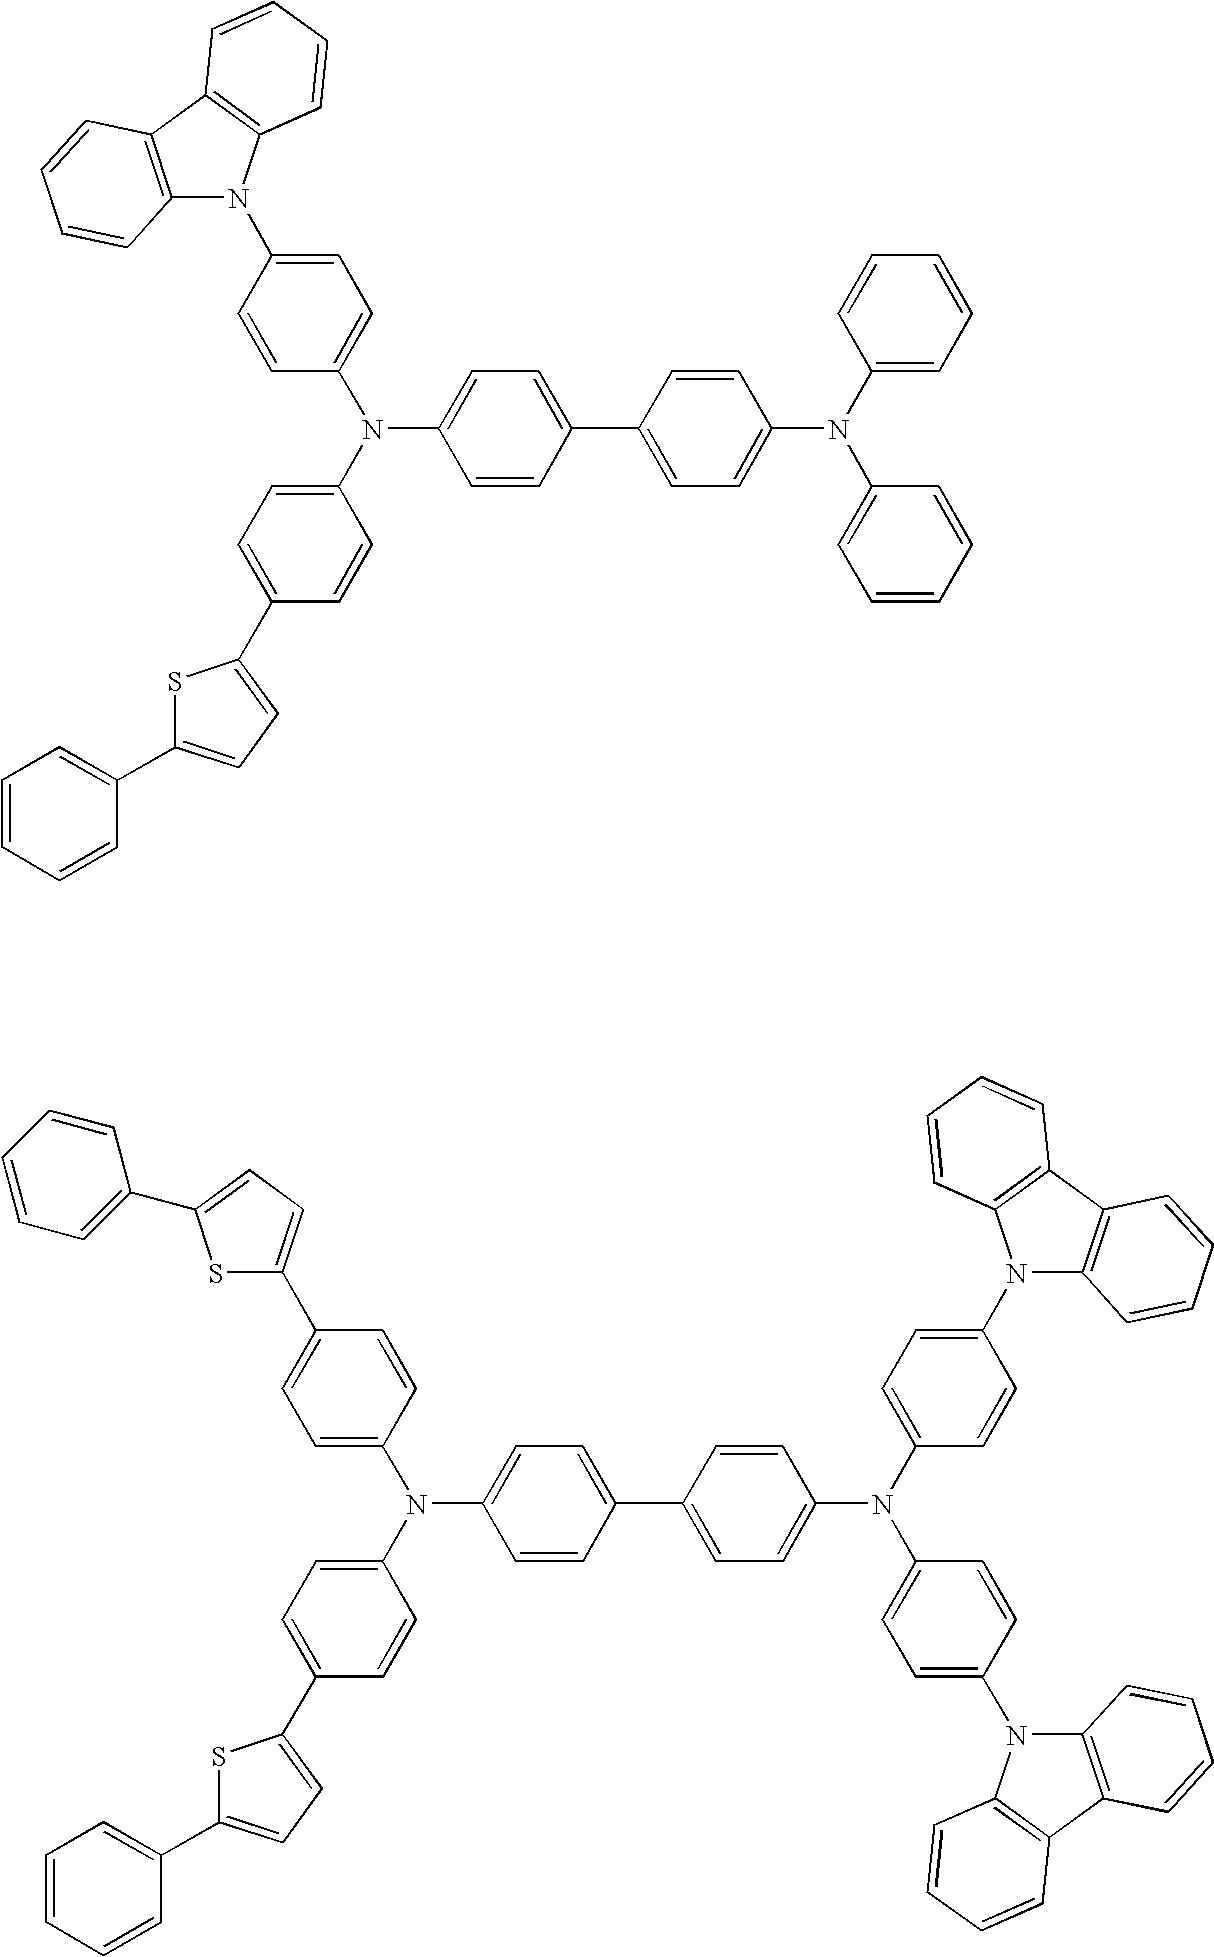 Figure US20090066235A1-20090312-C00026